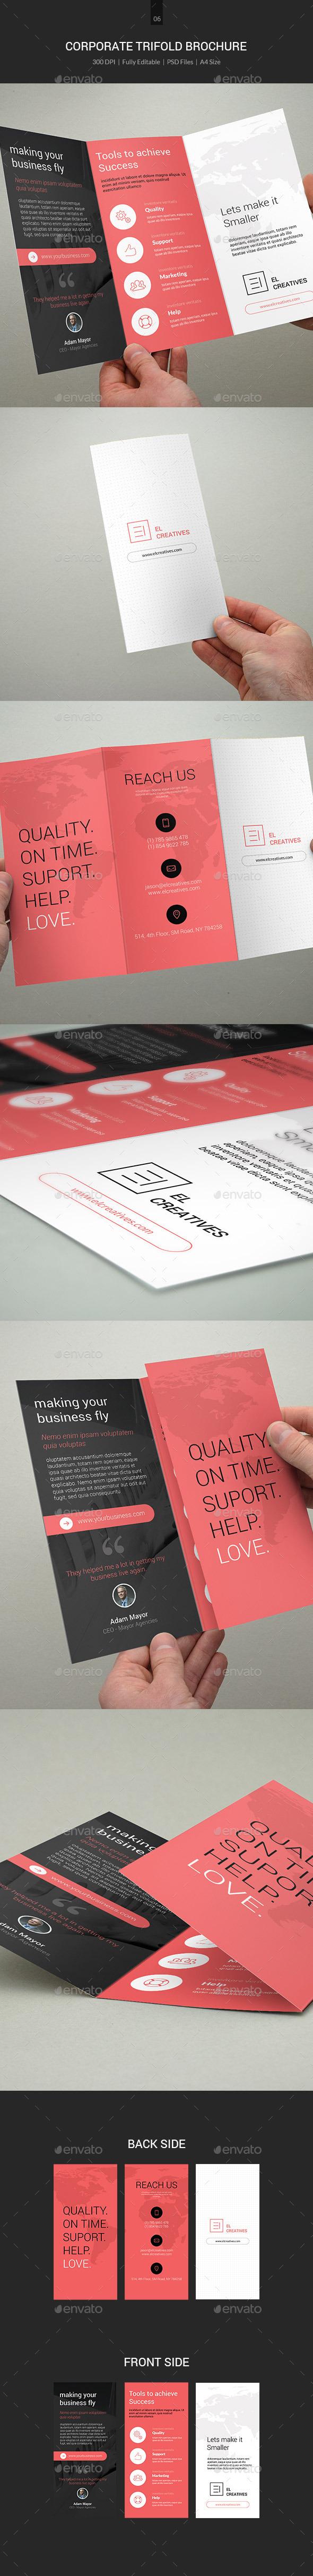 GraphicRiver Minimal Corporate TriFold Brochure 06 11321851